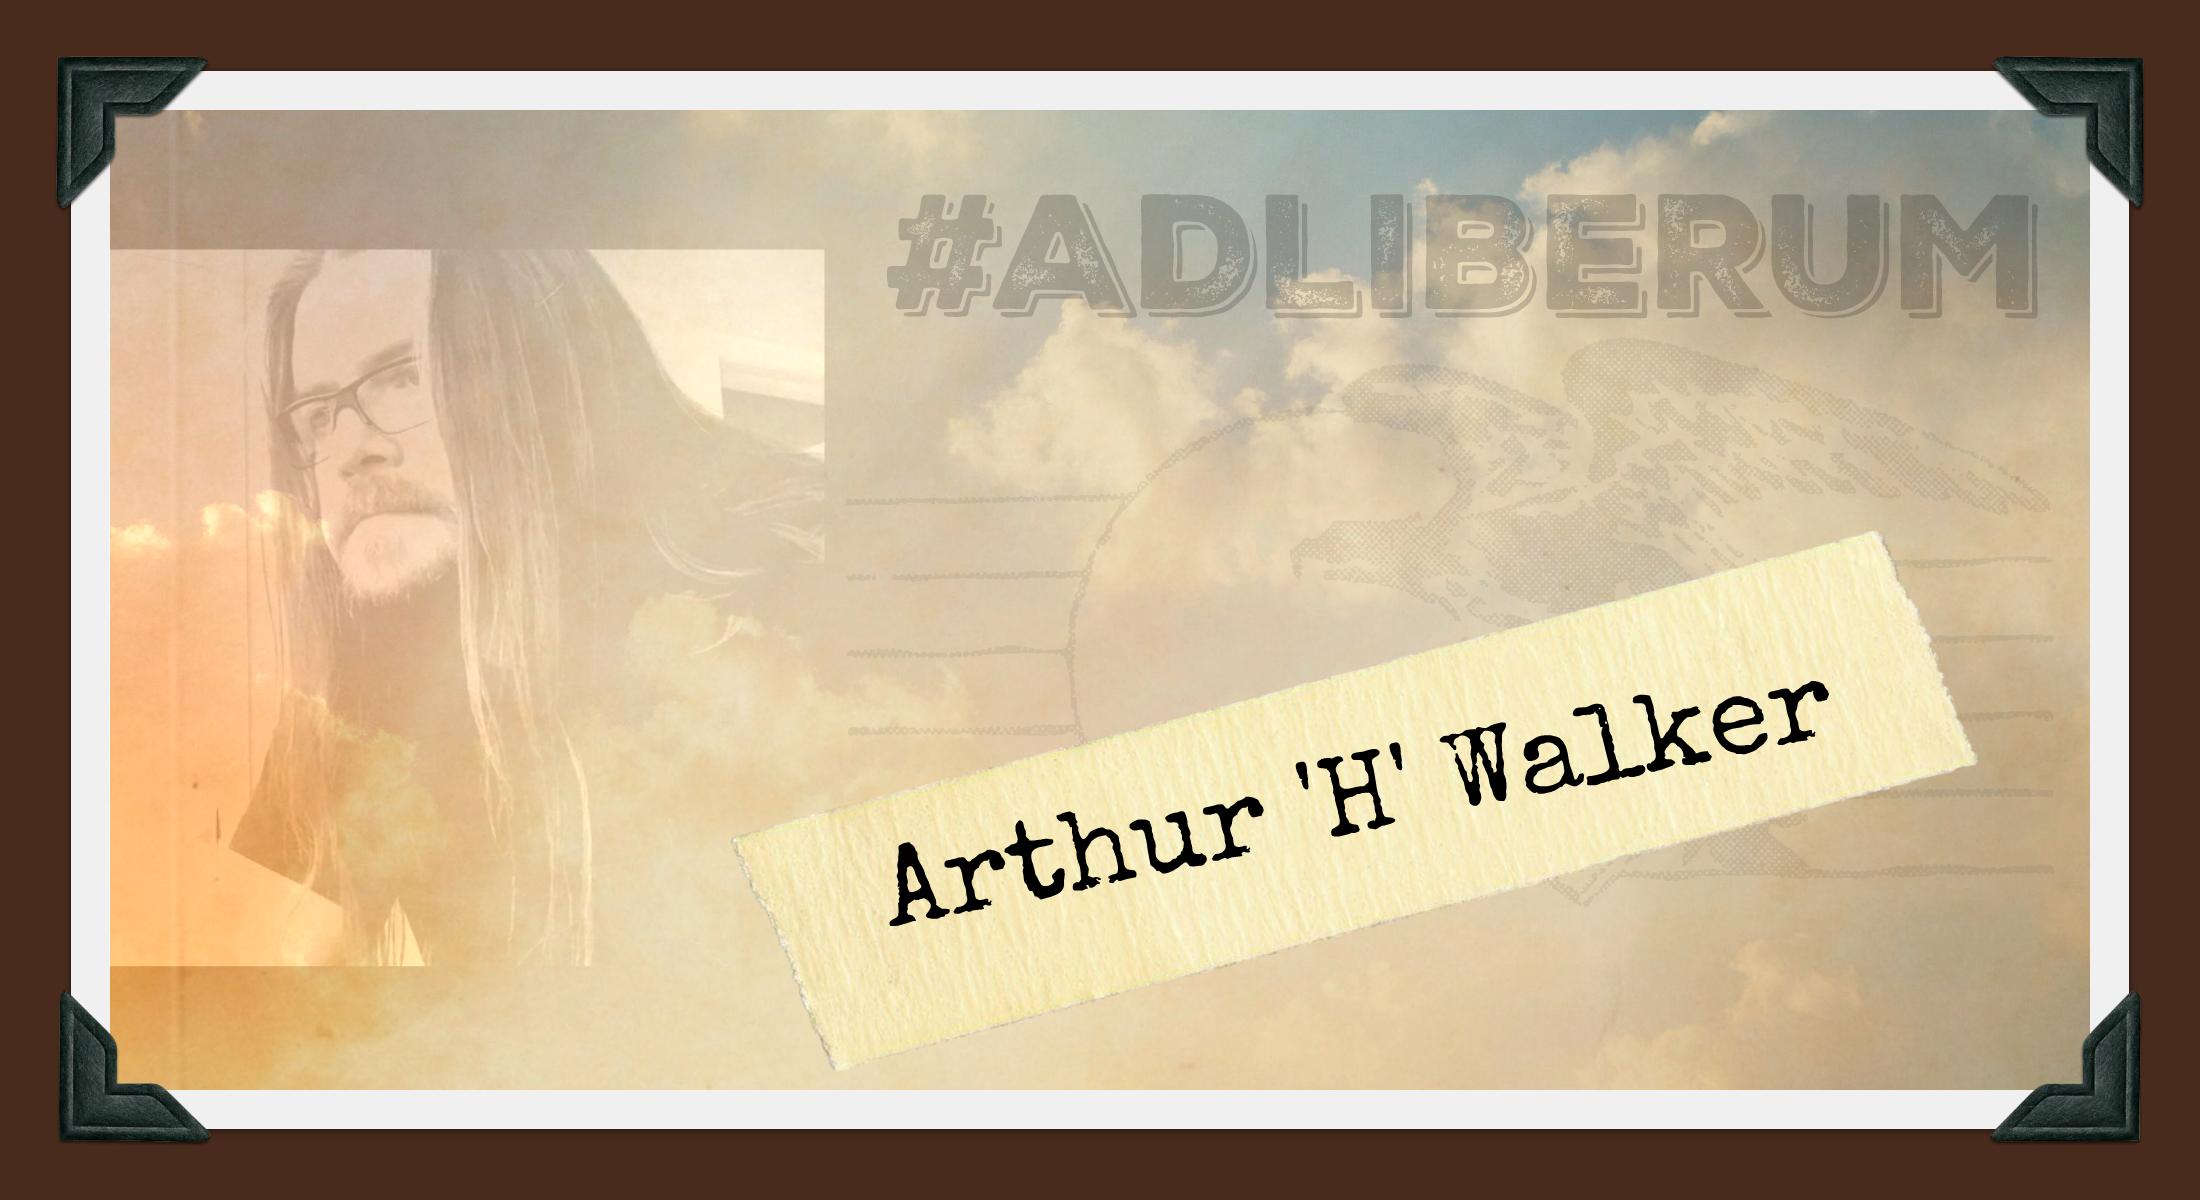 arthurHwalker